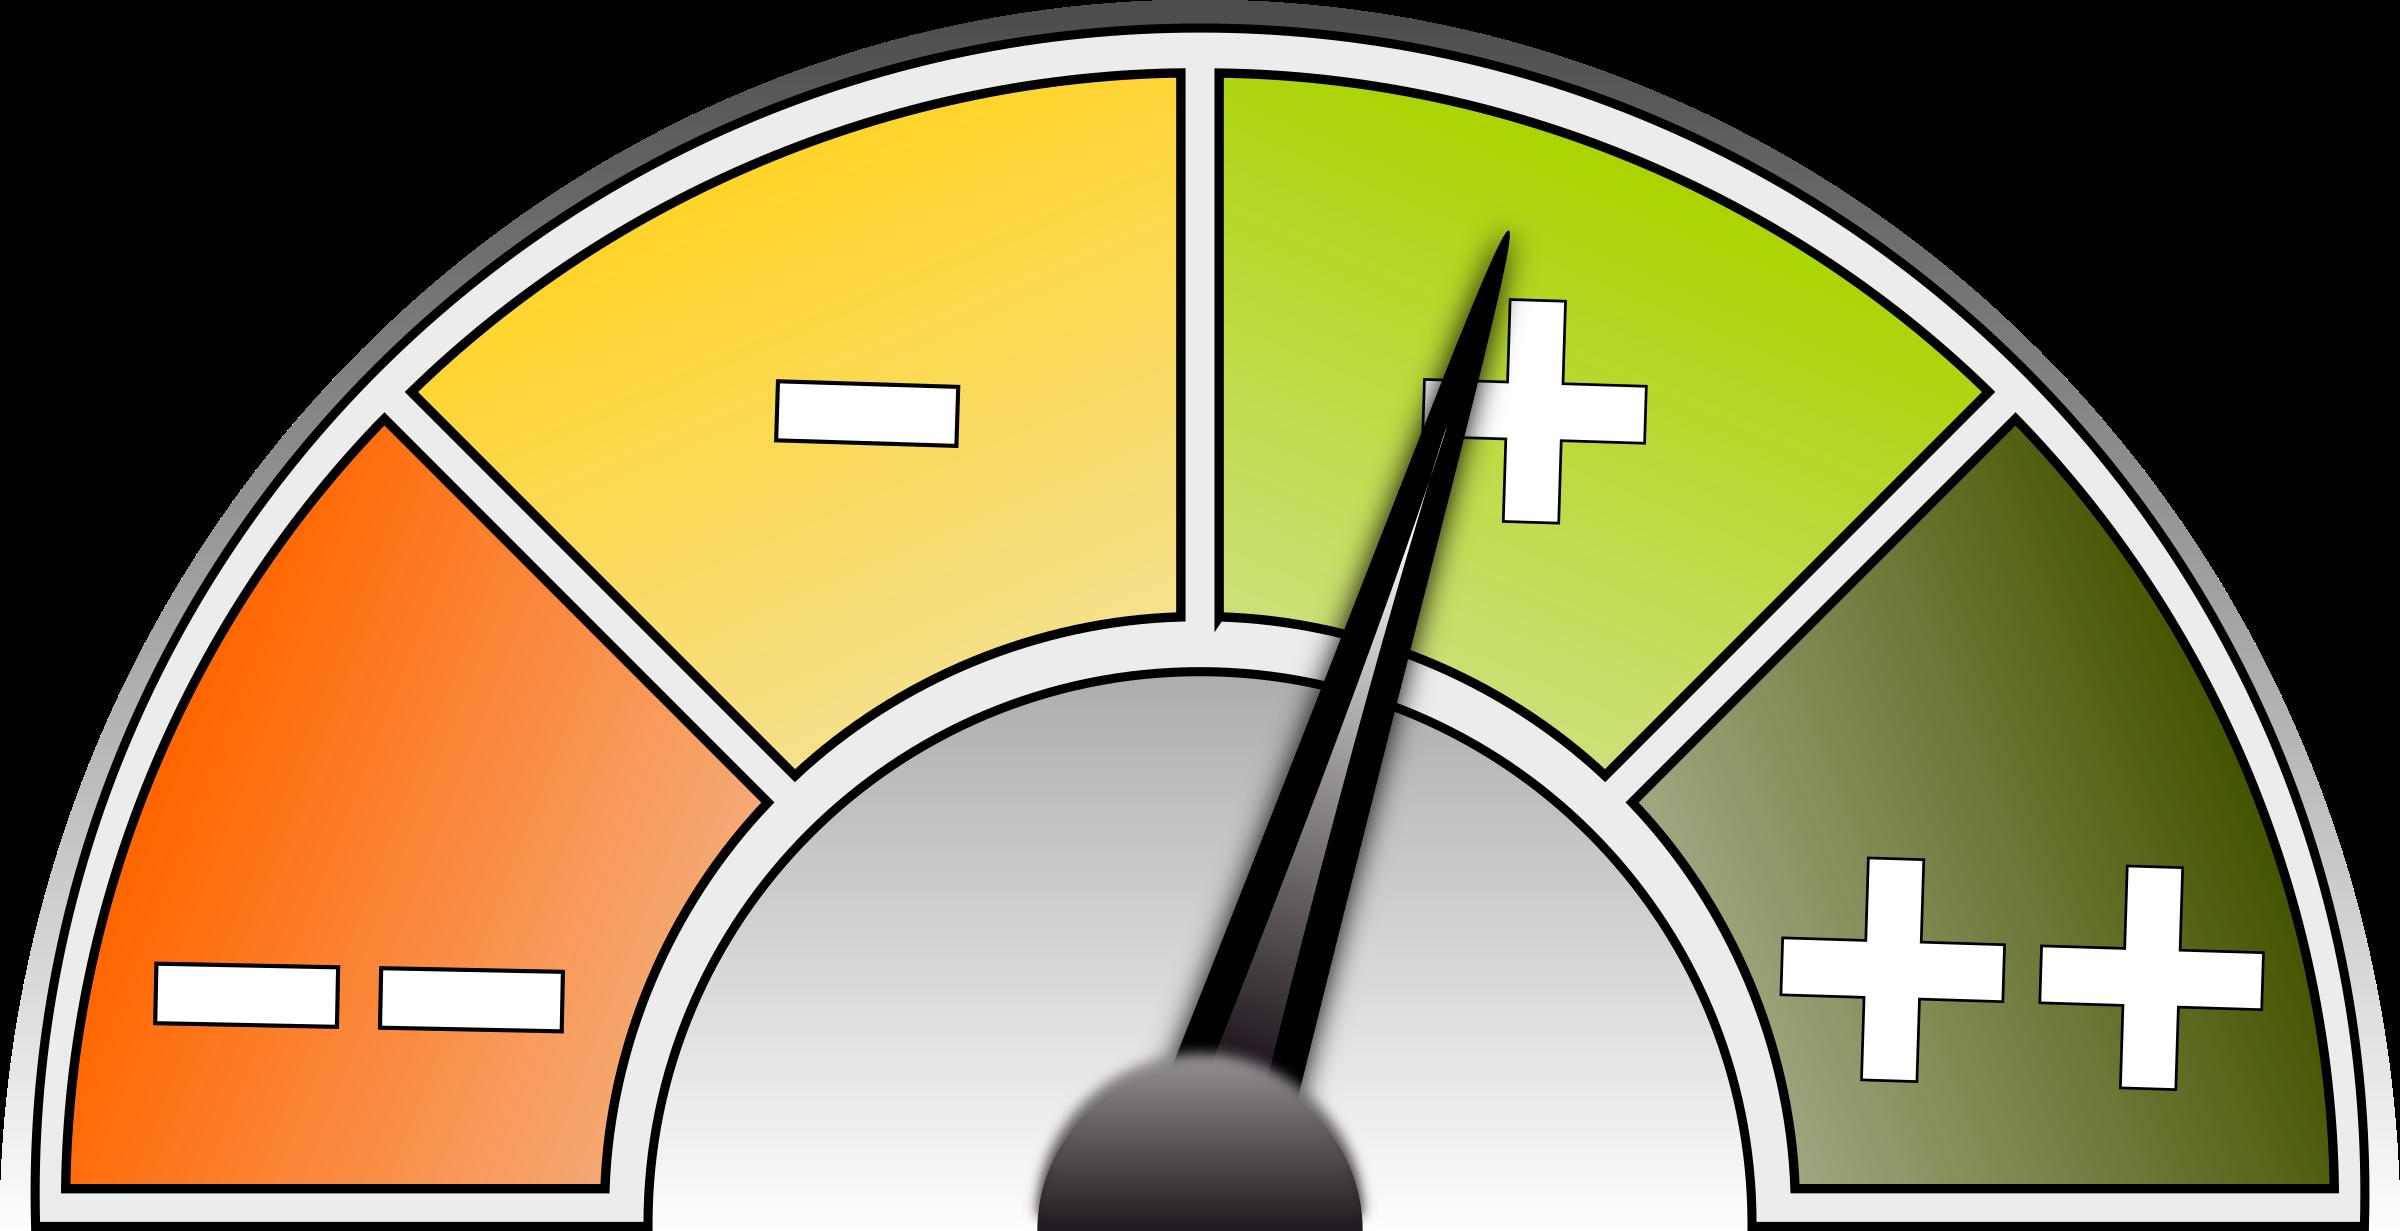 Meter Clip Art : Clipart eval o meter